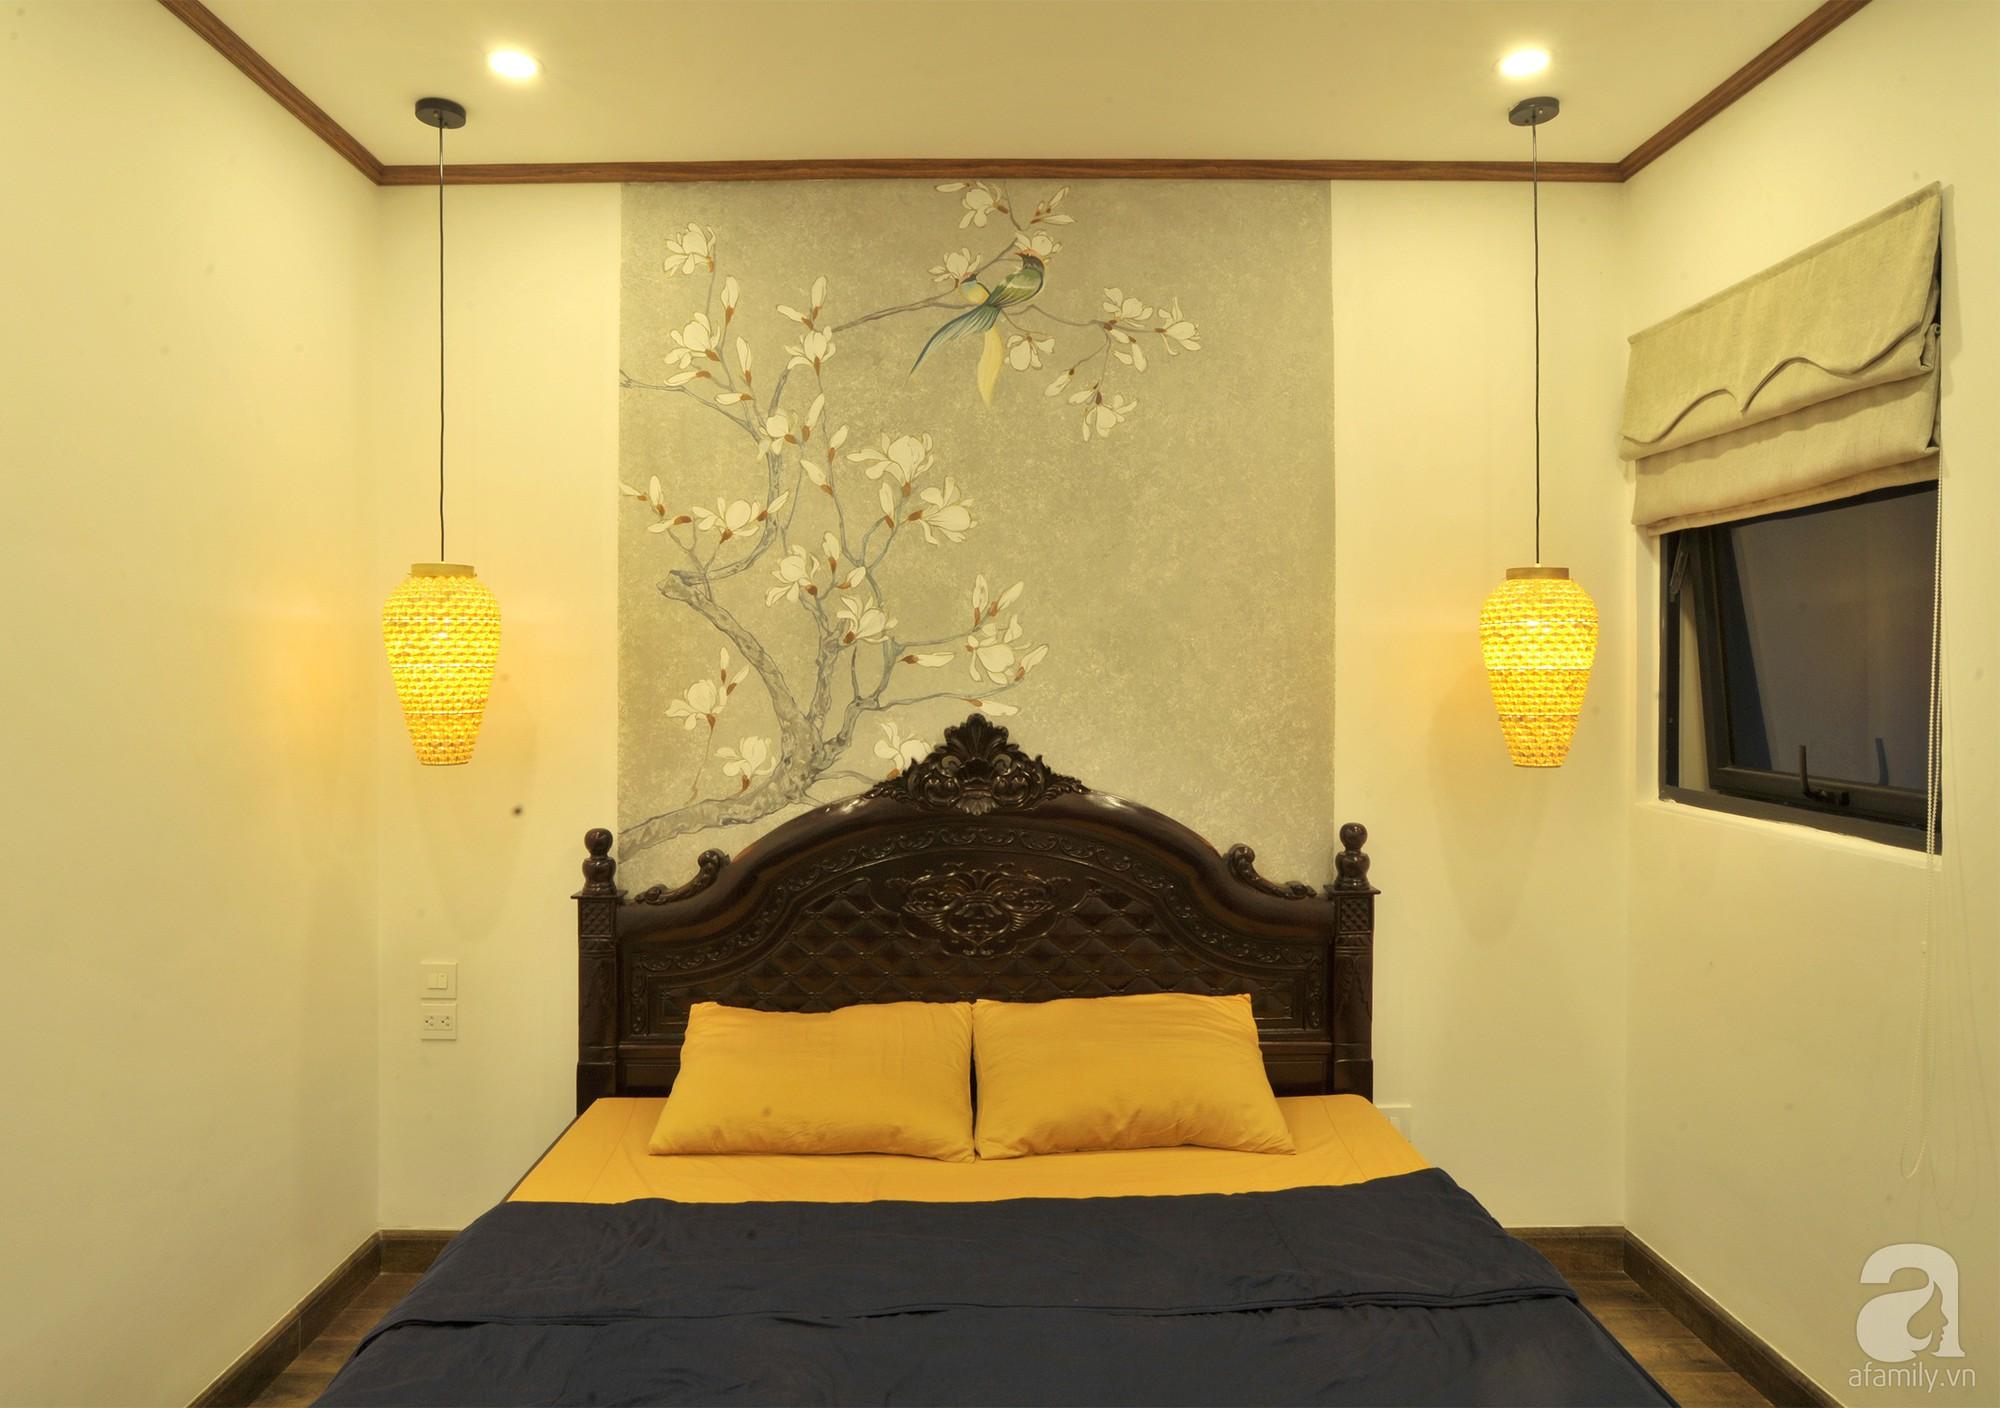 Căn hộ 65m² mang dấu ấn Indochine đẹp hoài cổ với chi phí 350 triệu đồng ở Thanh Xuân, Hà Nội - Hình 10